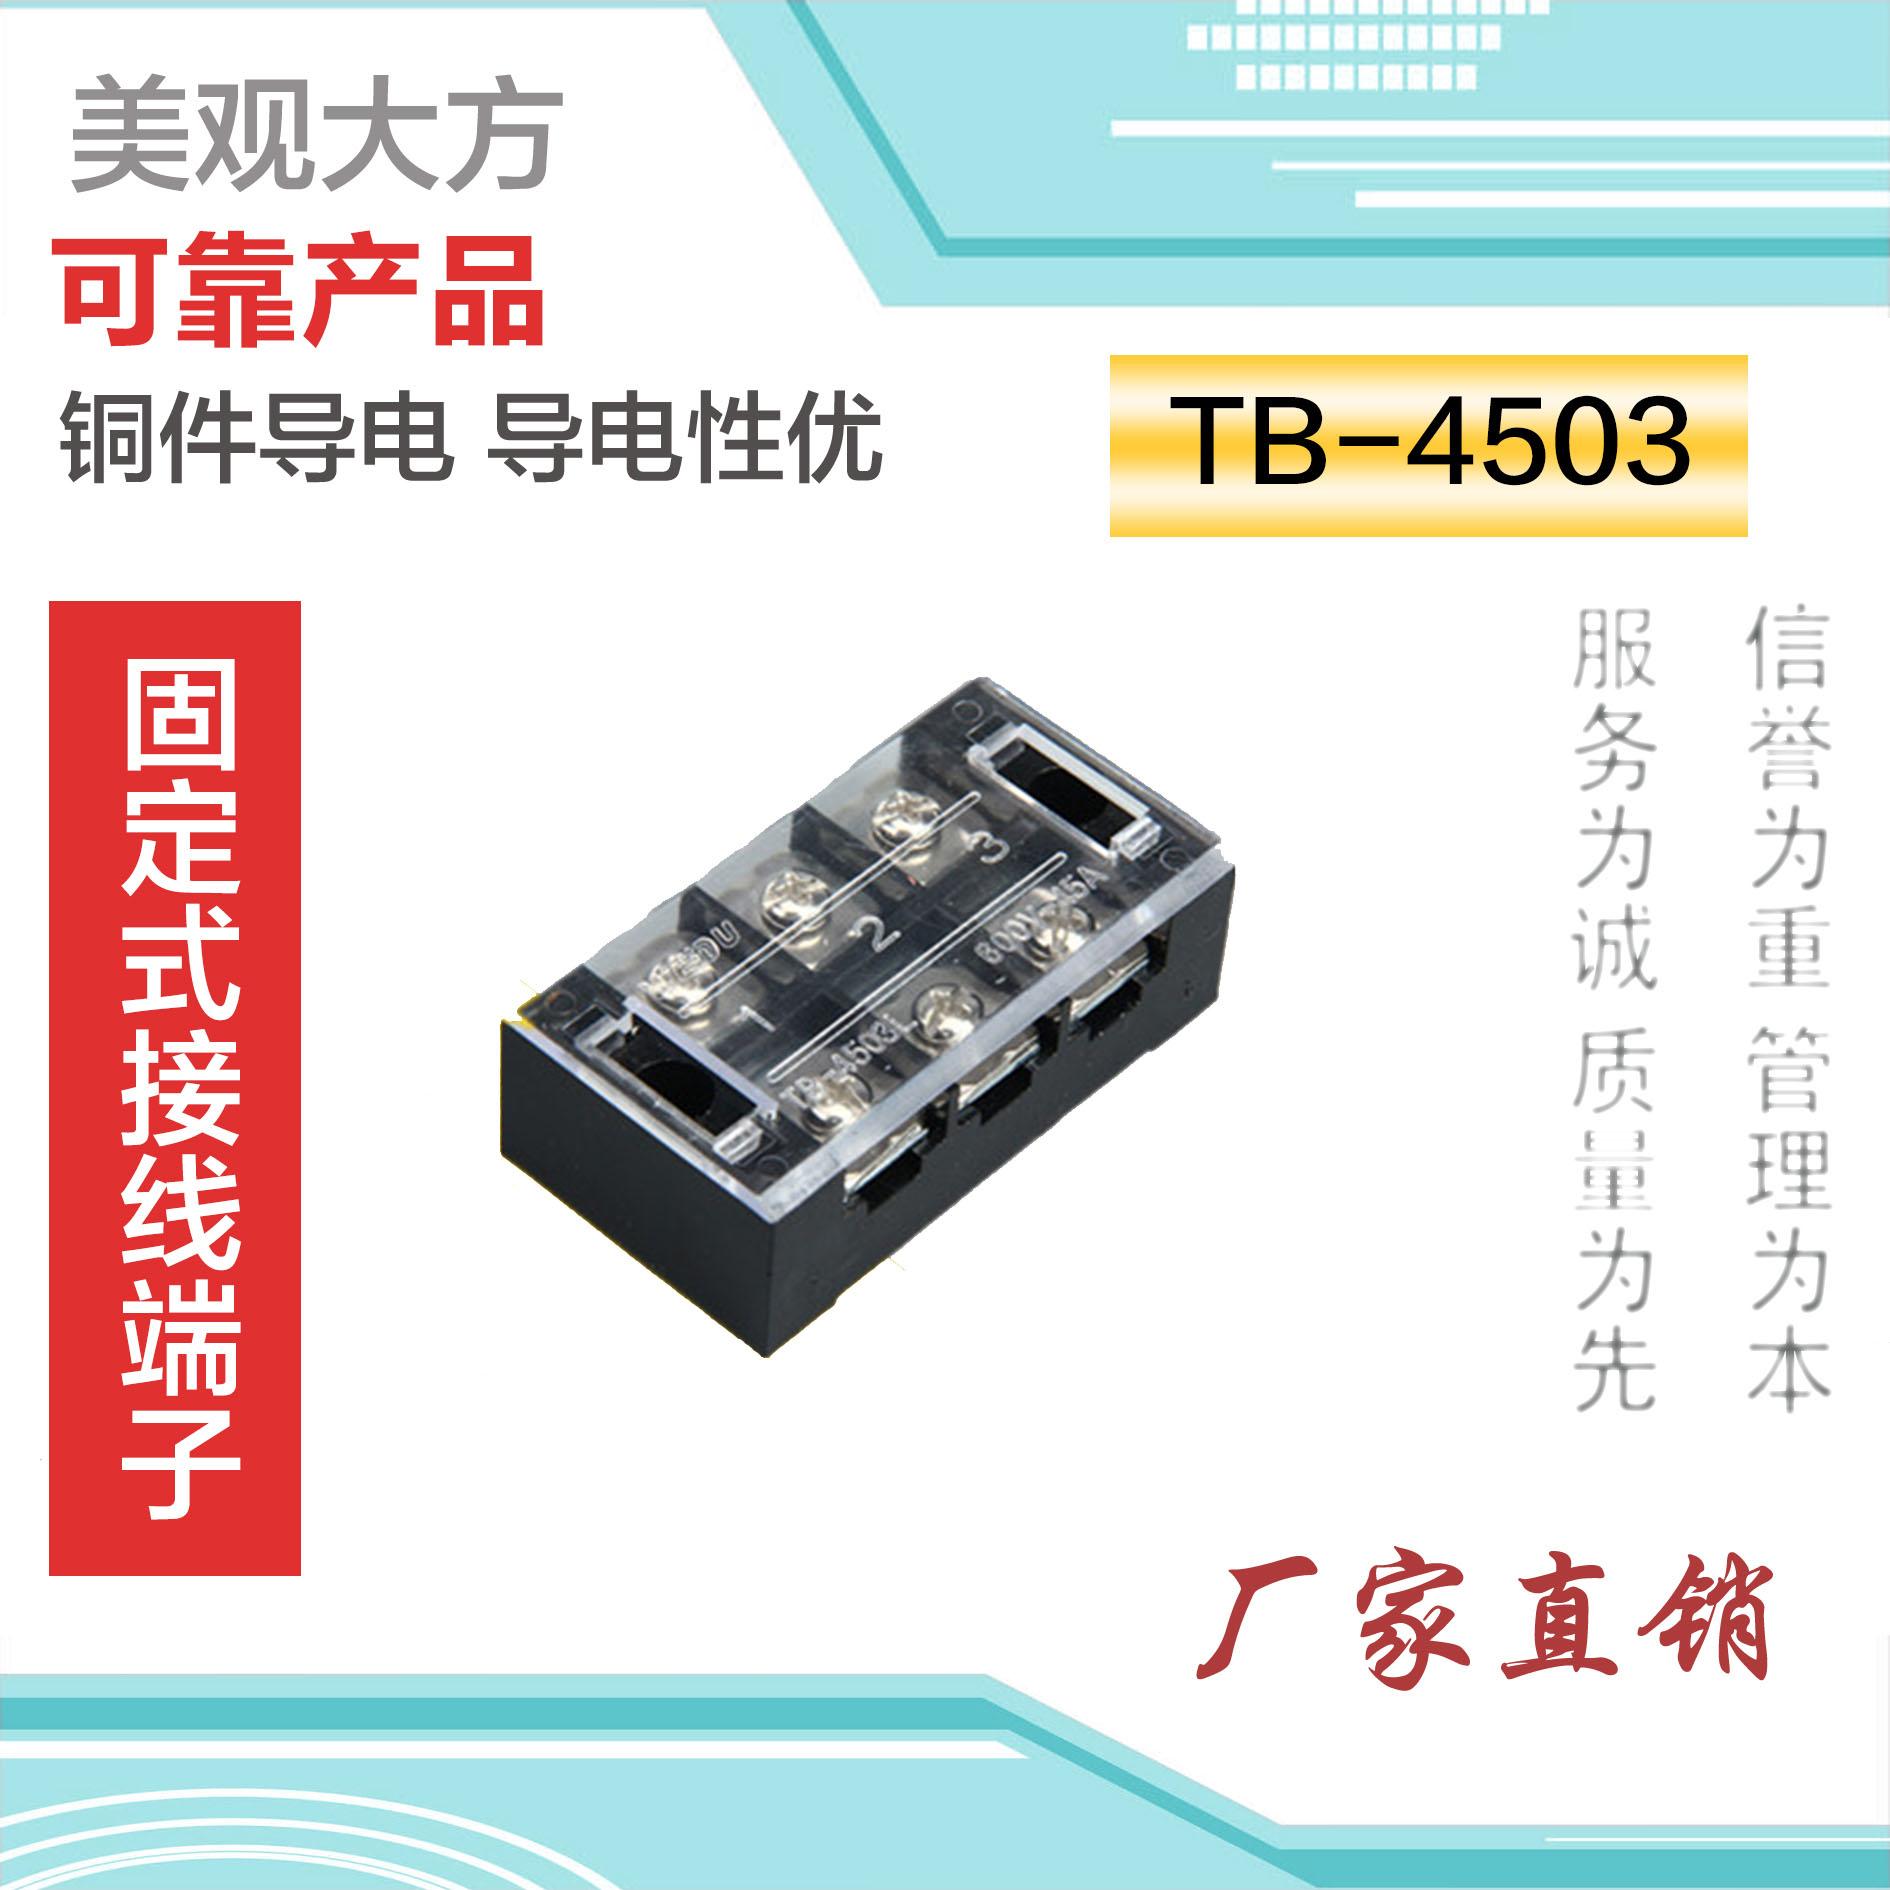 接线端子TB-4503 45A 3位接线排 接线板 接线柱 电线连接器 铜件